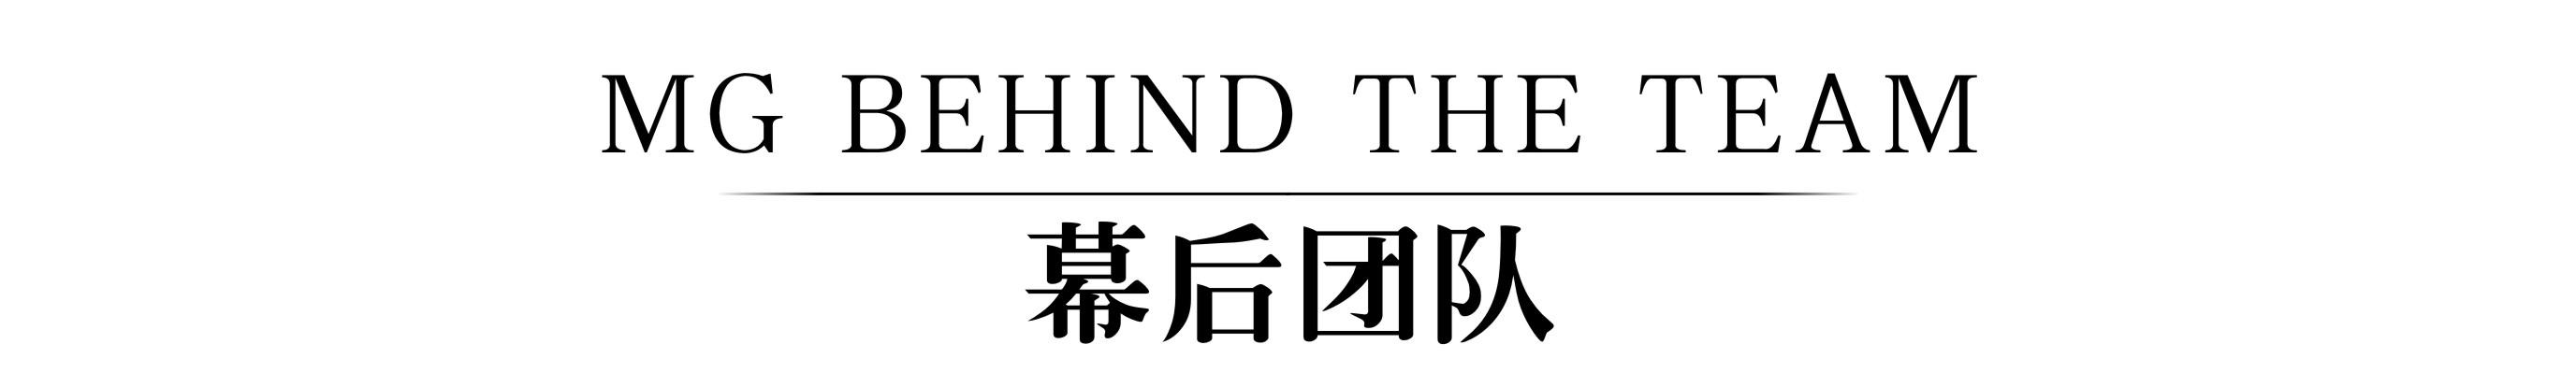 MG出品 - 徐浩宸 吴昕昱婚礼电影 2019.8.24